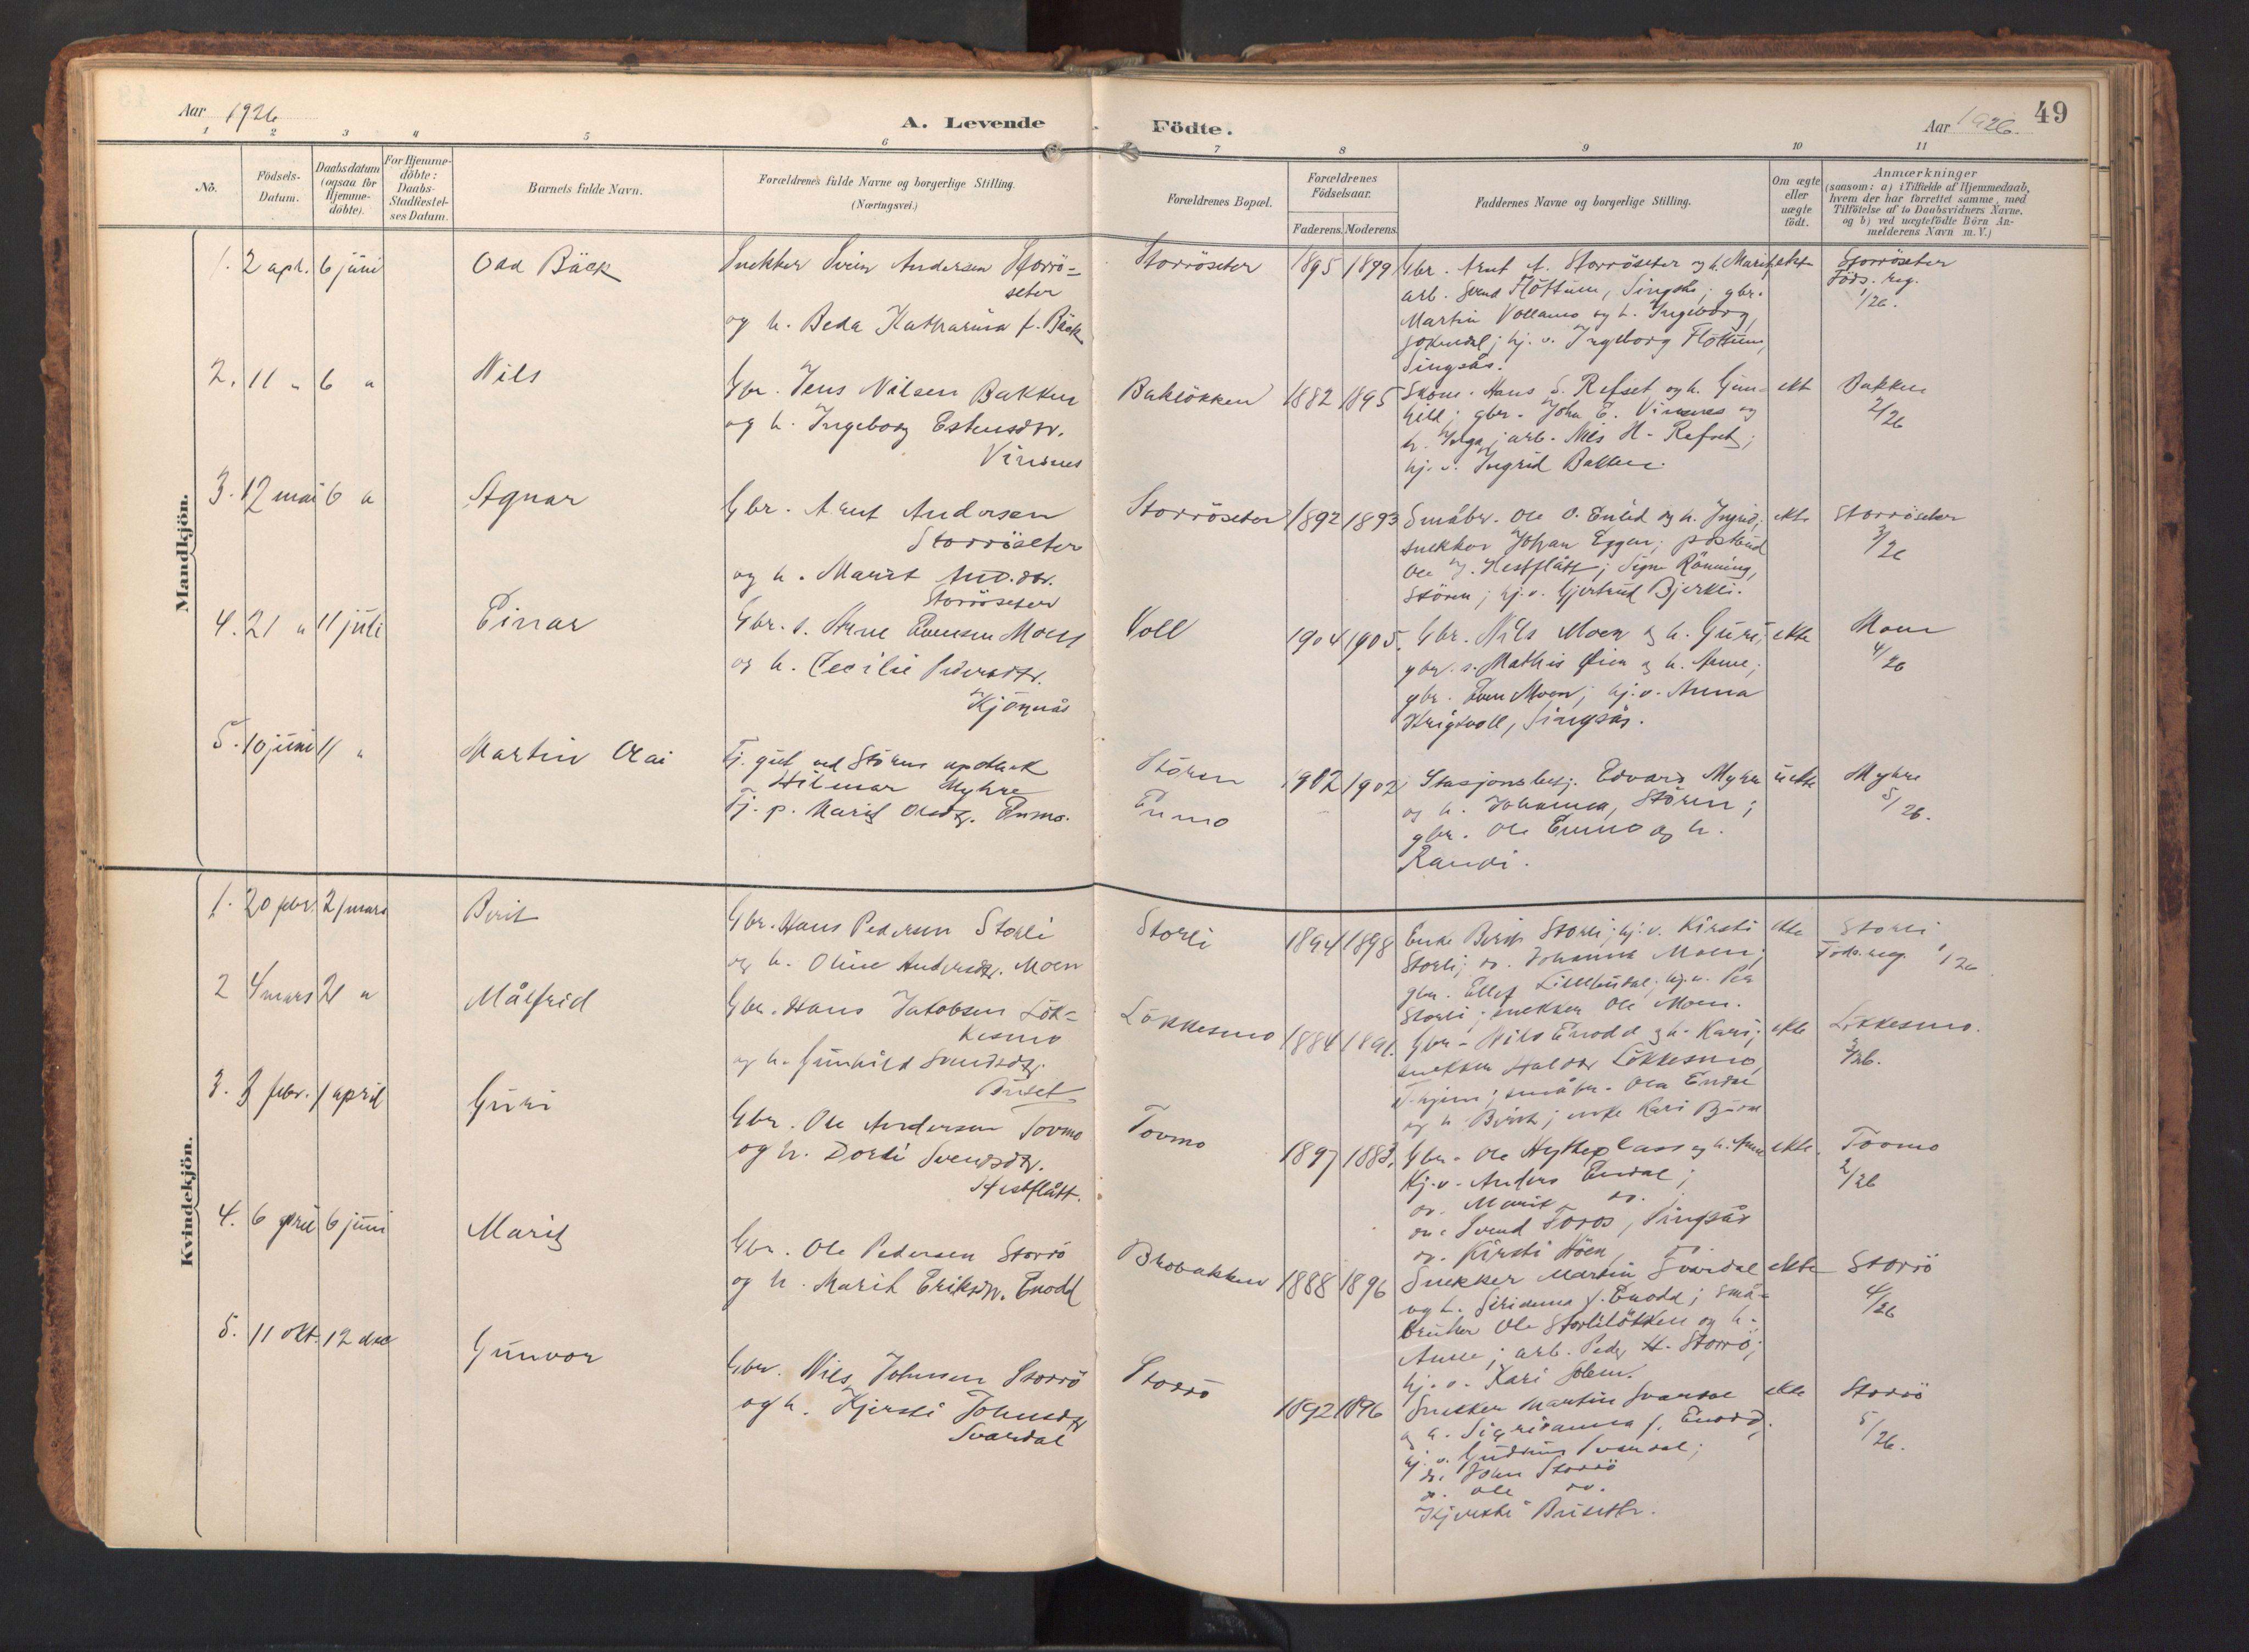 SAT, Ministerialprotokoller, klokkerbøker og fødselsregistre - Sør-Trøndelag, 690/L1050: Ministerialbok nr. 690A01, 1889-1929, s. 49